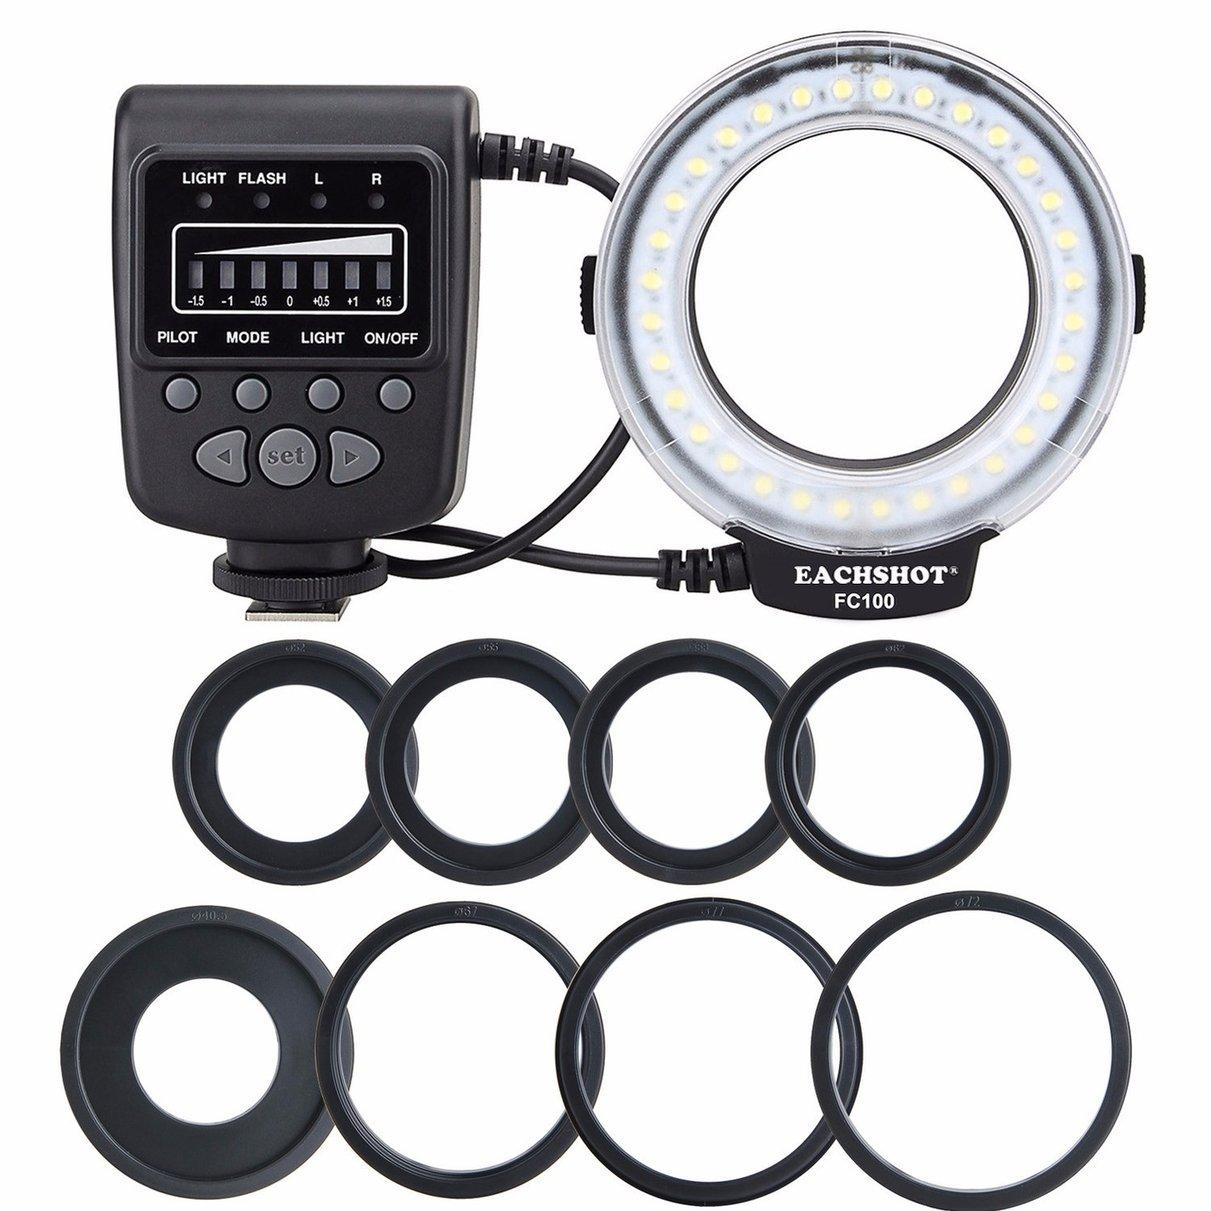 Meike FC-100 FC 100 Macro Ring Flash/Licht MK FC 100 für Canon für EOS 650D 600D 60D 7D 550D 1 100 D T5i T4i T3i T3